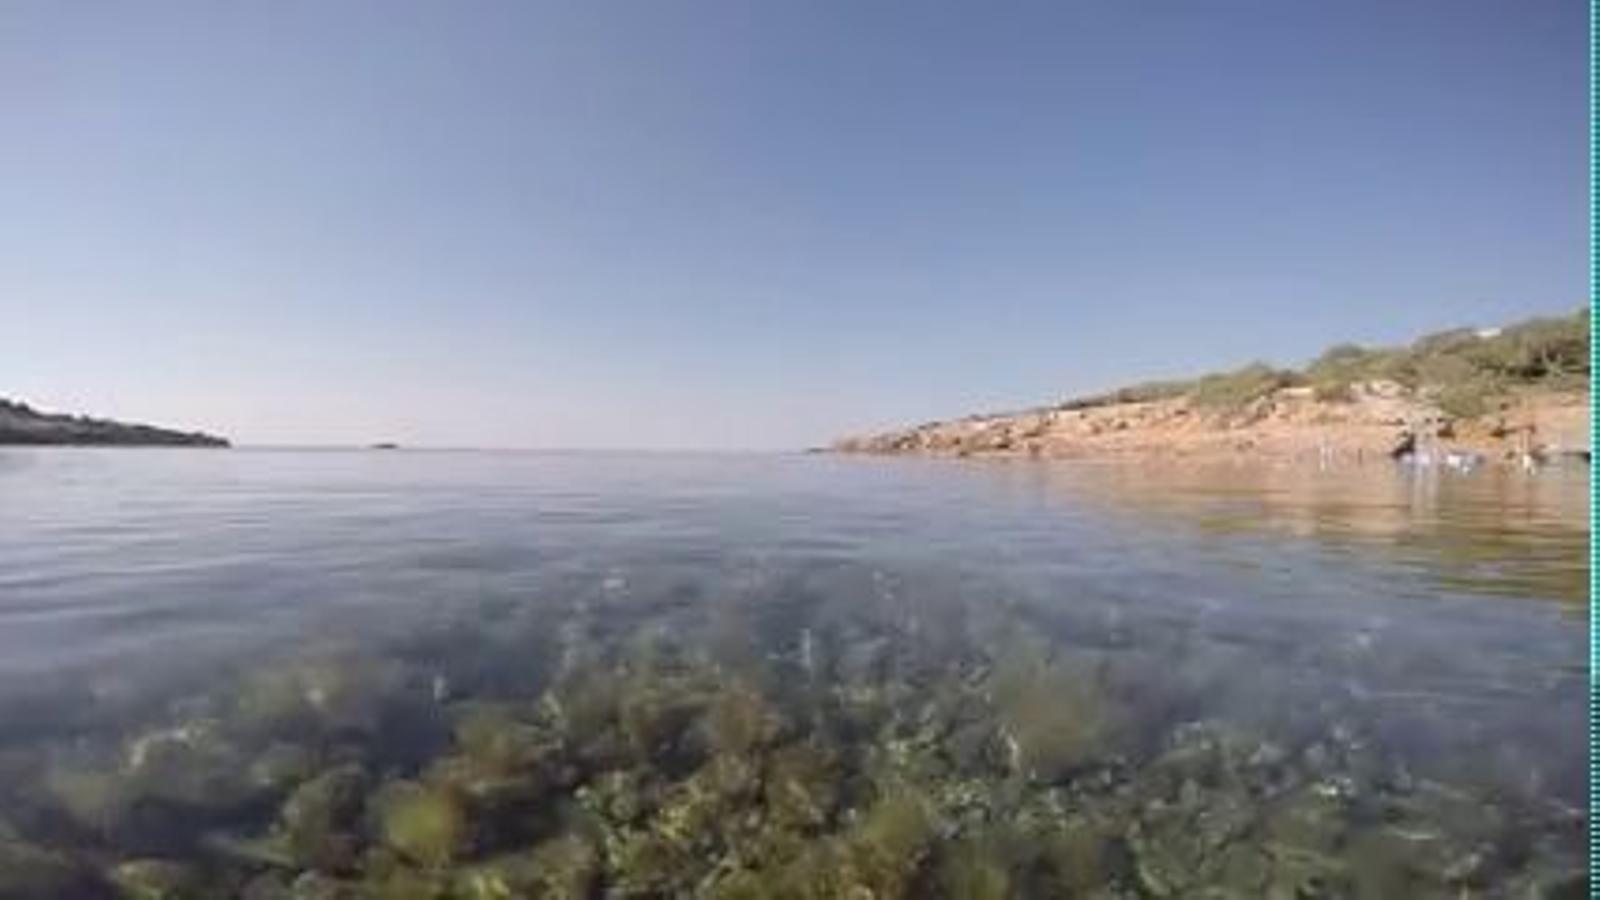 L'estat de l'aigua de la platja de s'Estanyol d'Eivissa després de l'event de Heineken